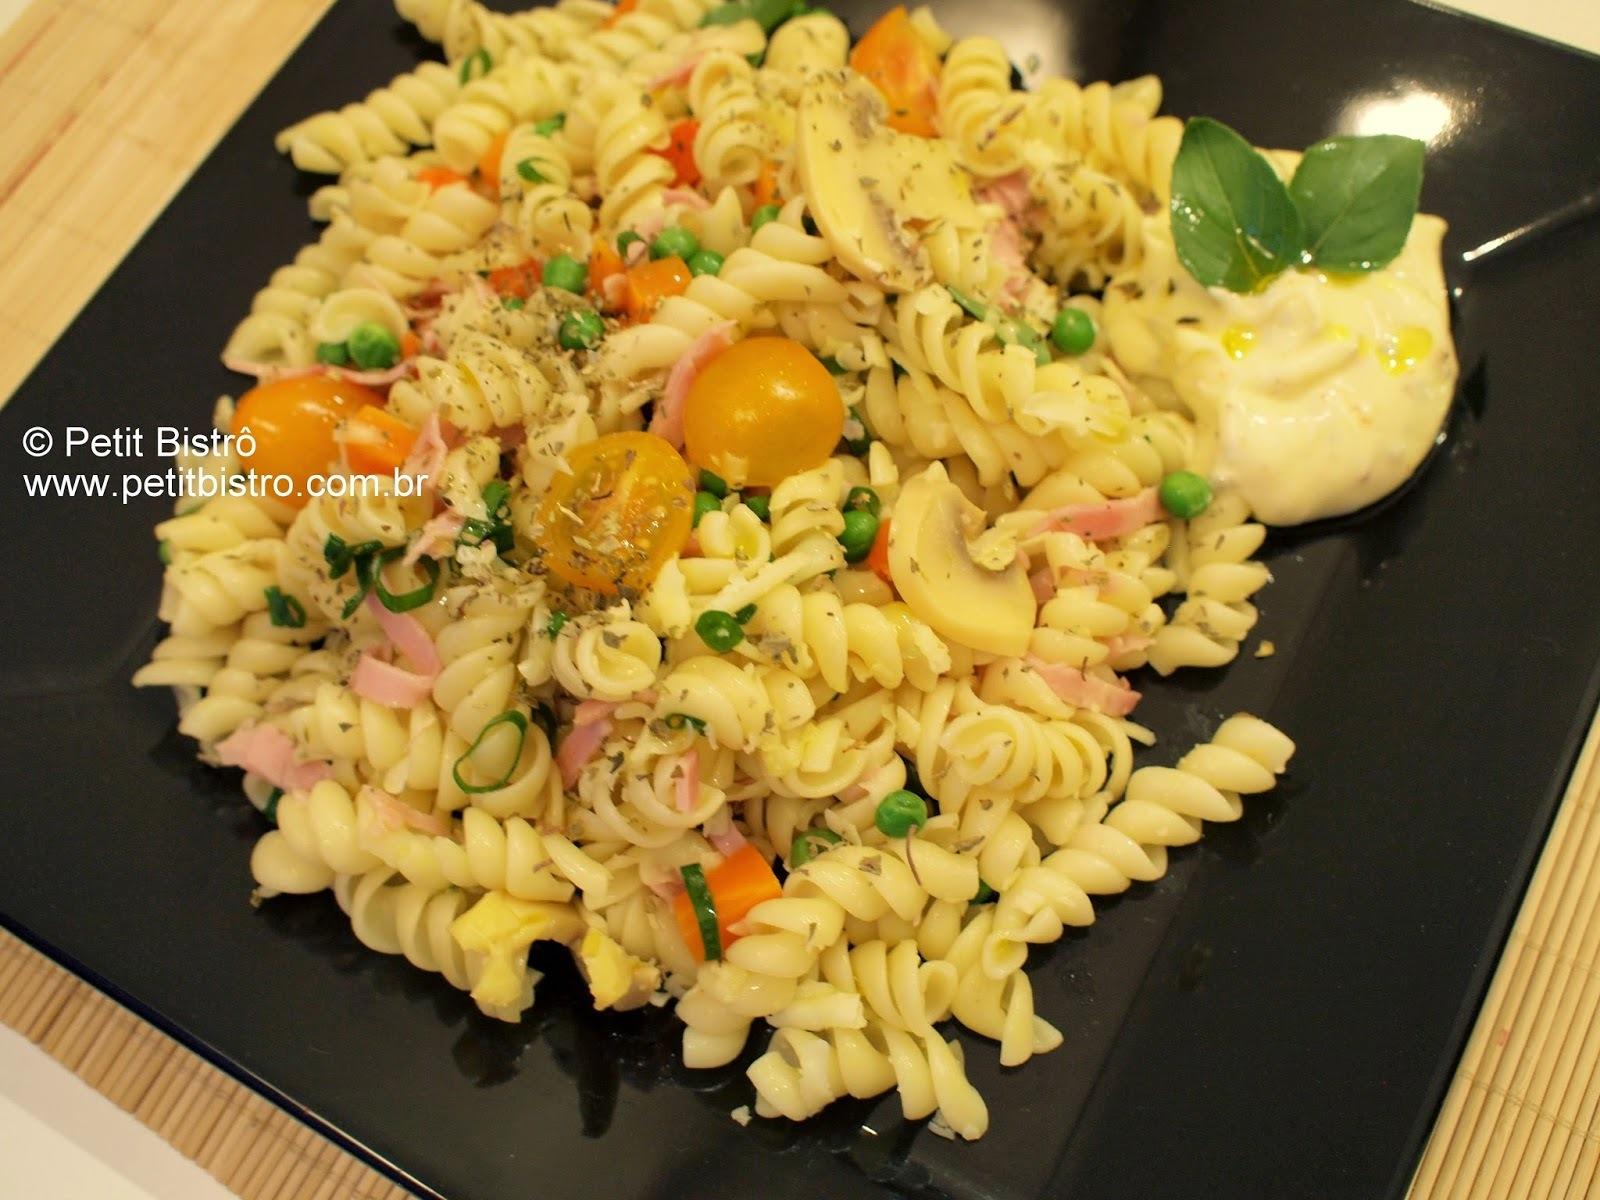 salada fria de macarrão parafuso